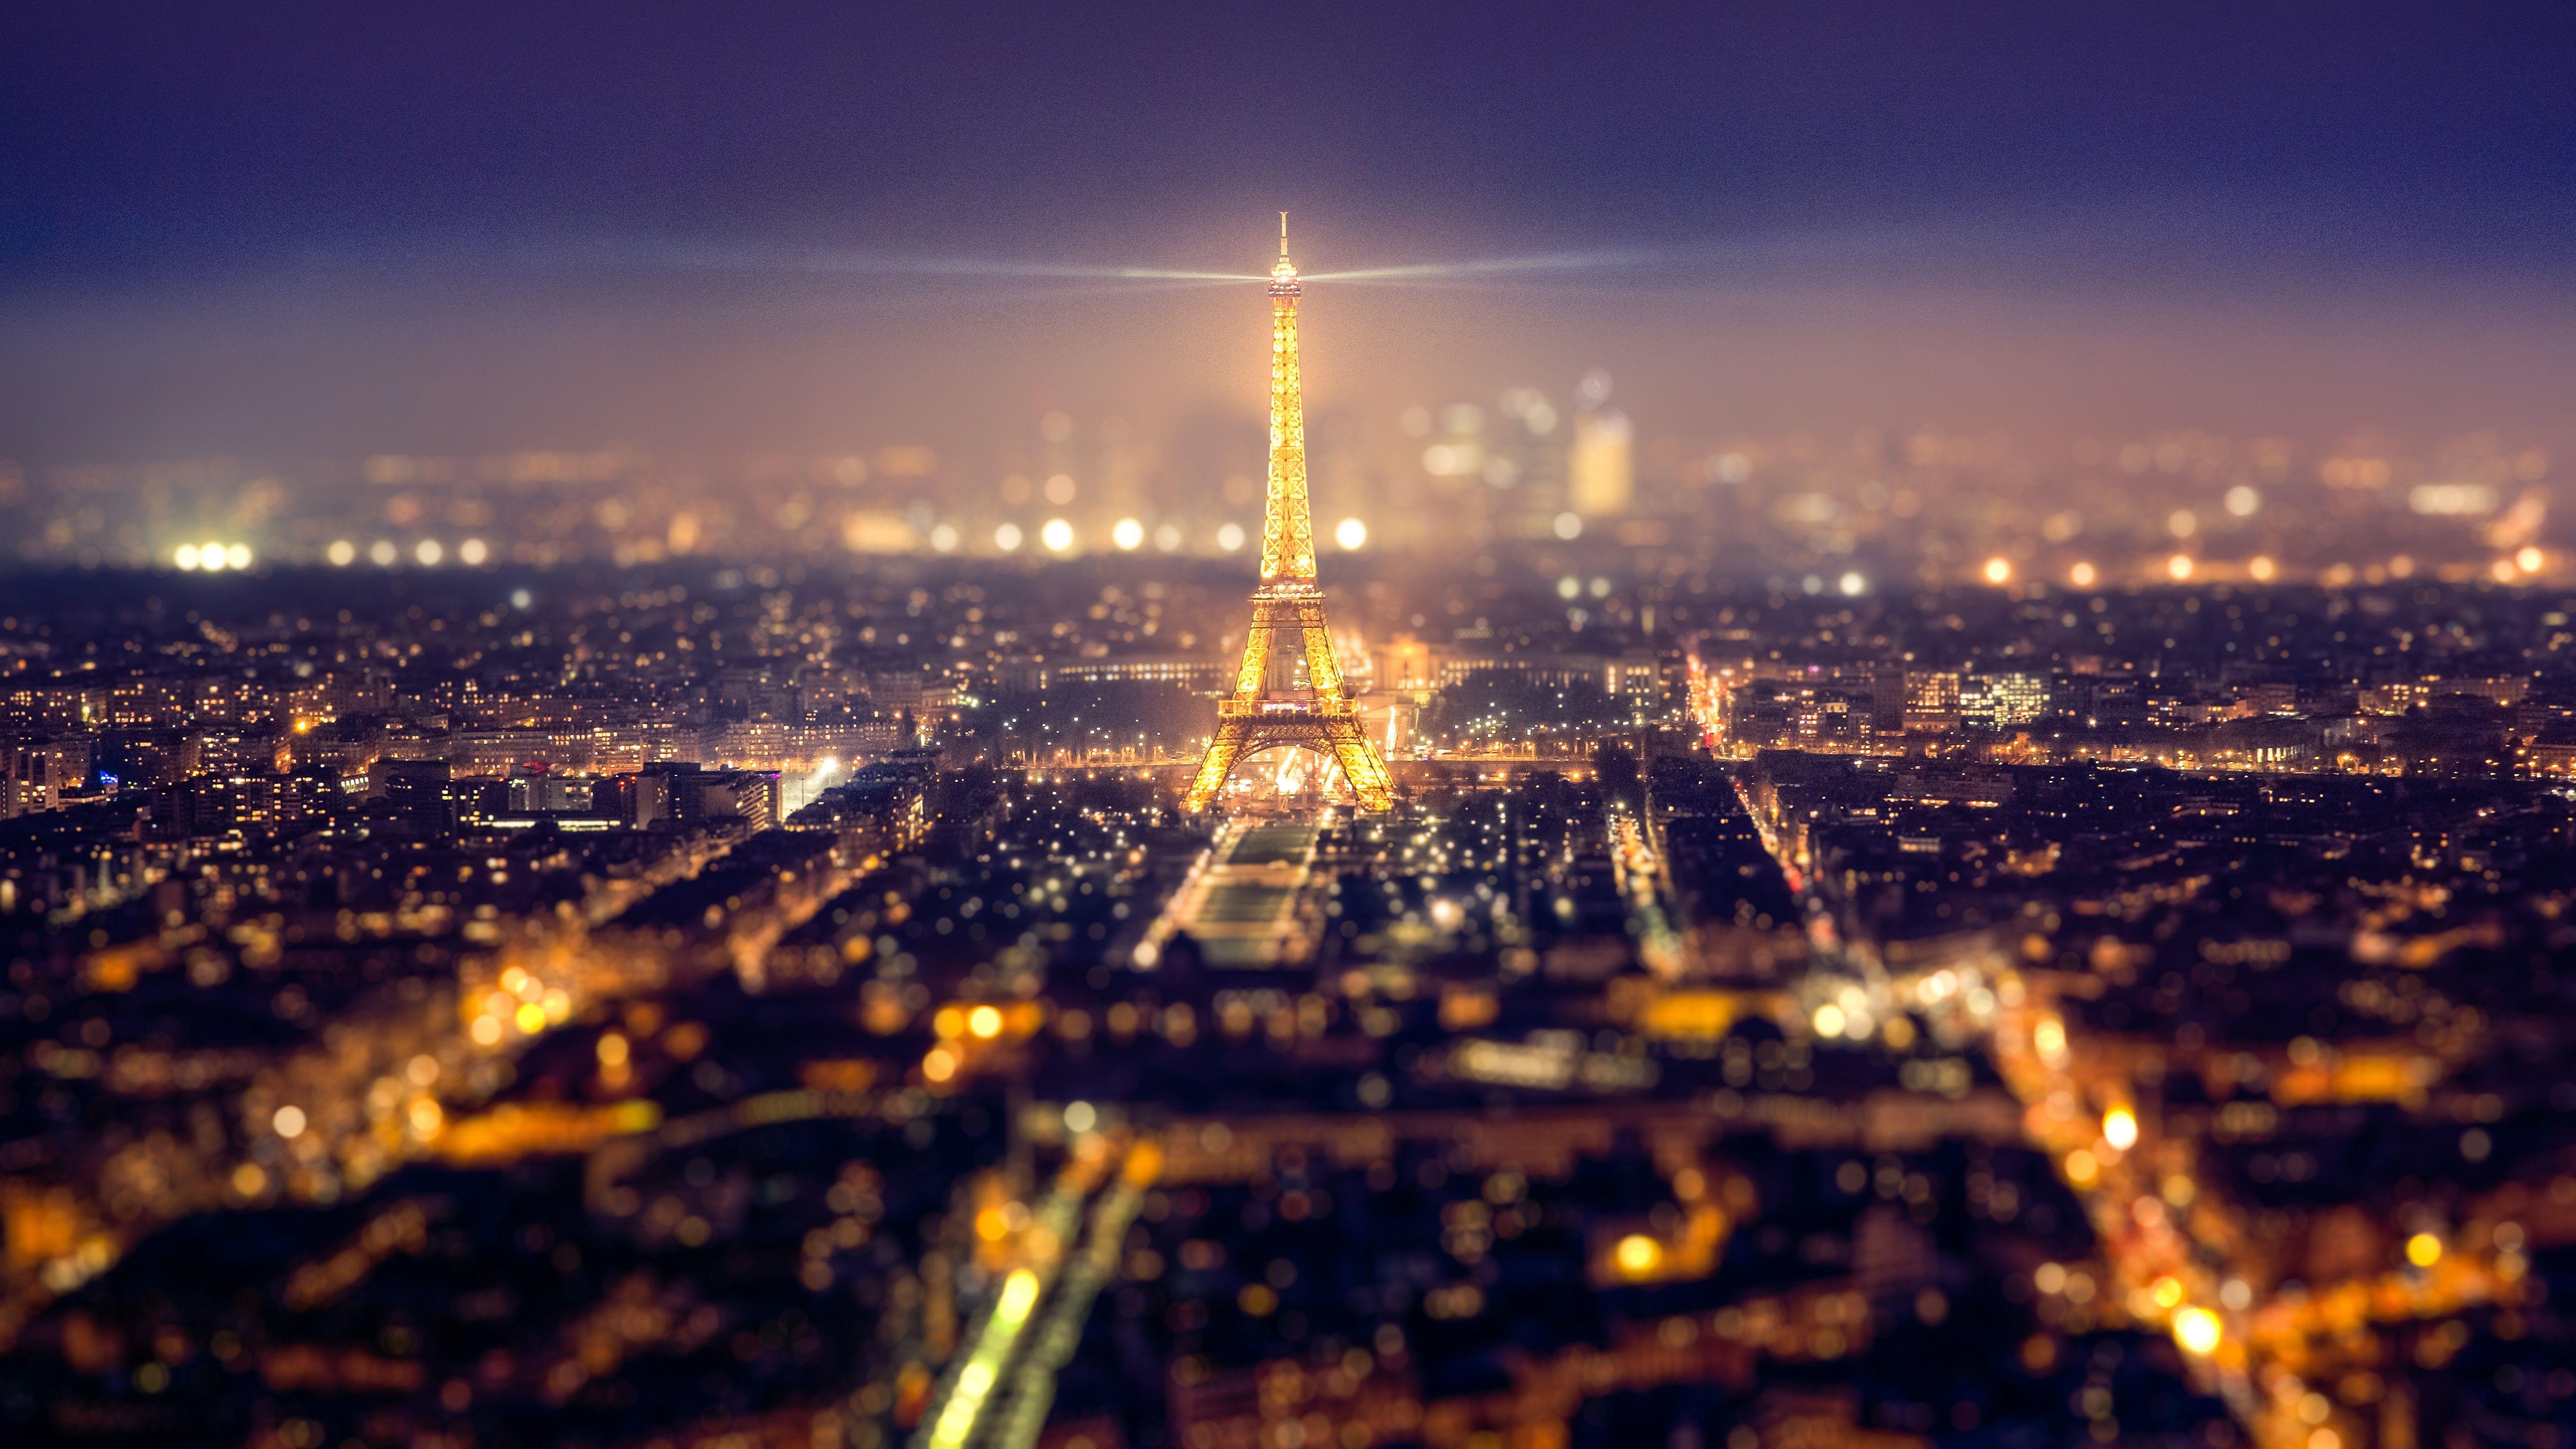 Eiffel Tower Paris Cityscape 4k Hd Pictures Paris At Night